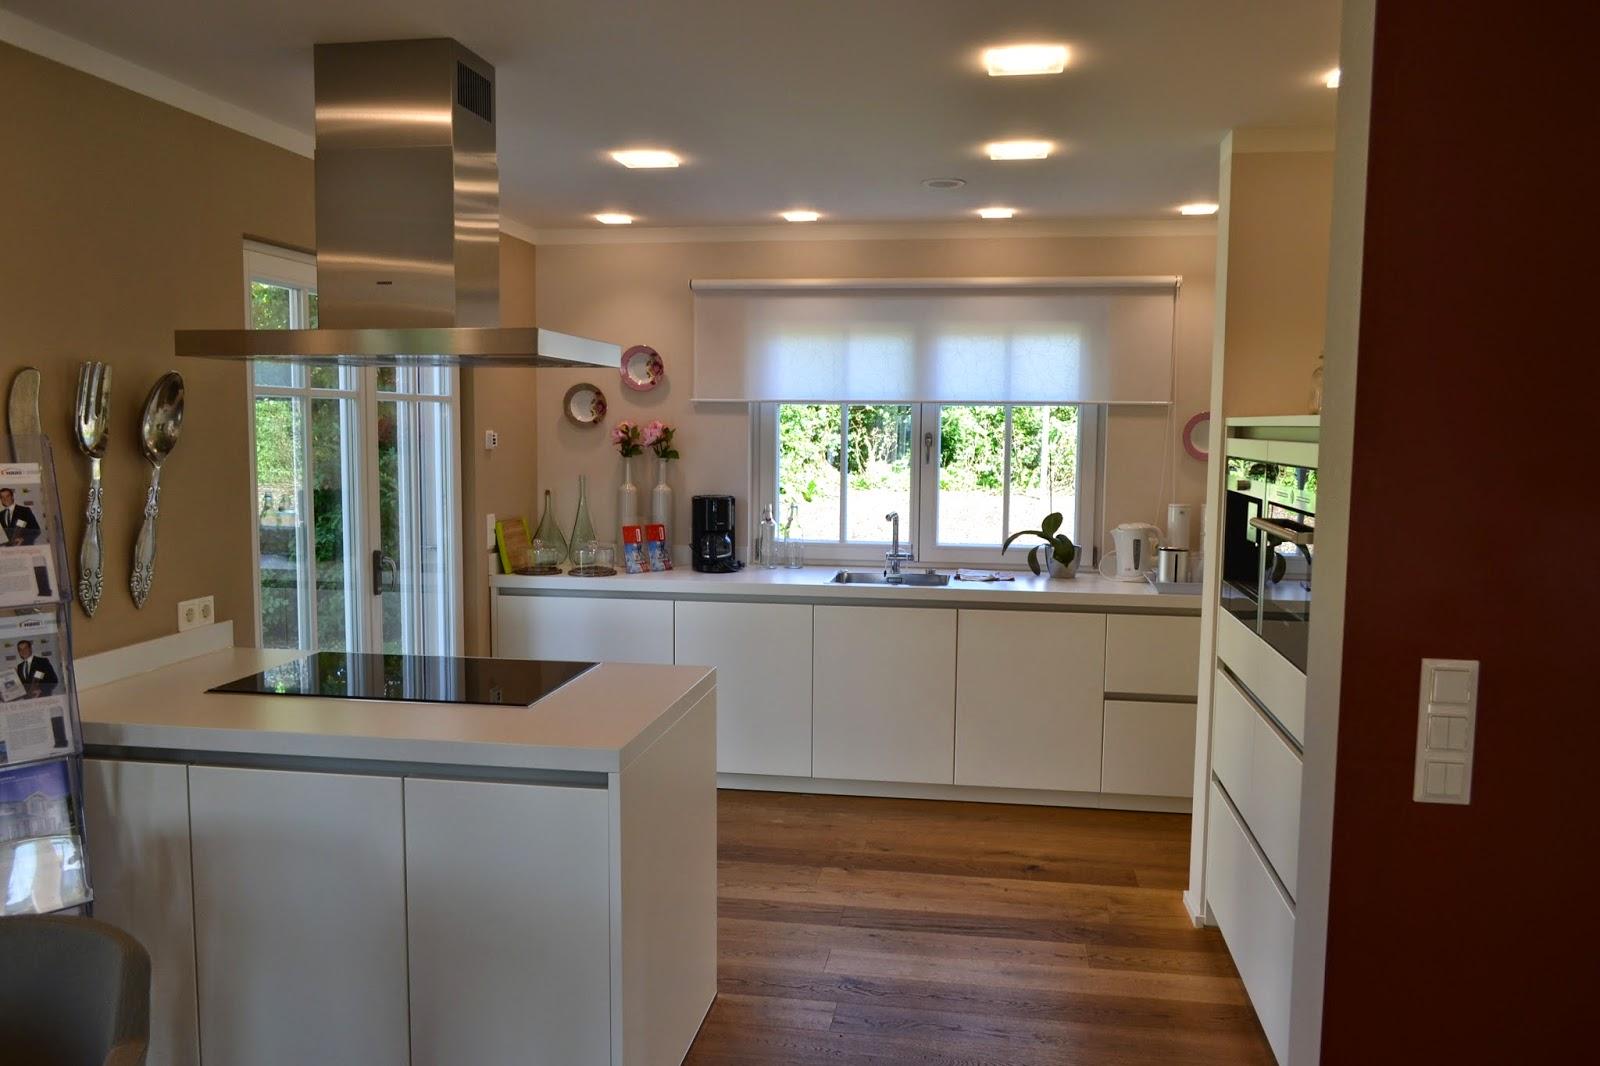 Musterhaus inneneinrichtung küche  Einmal Eigenheim, bitte!: Oktober 2014